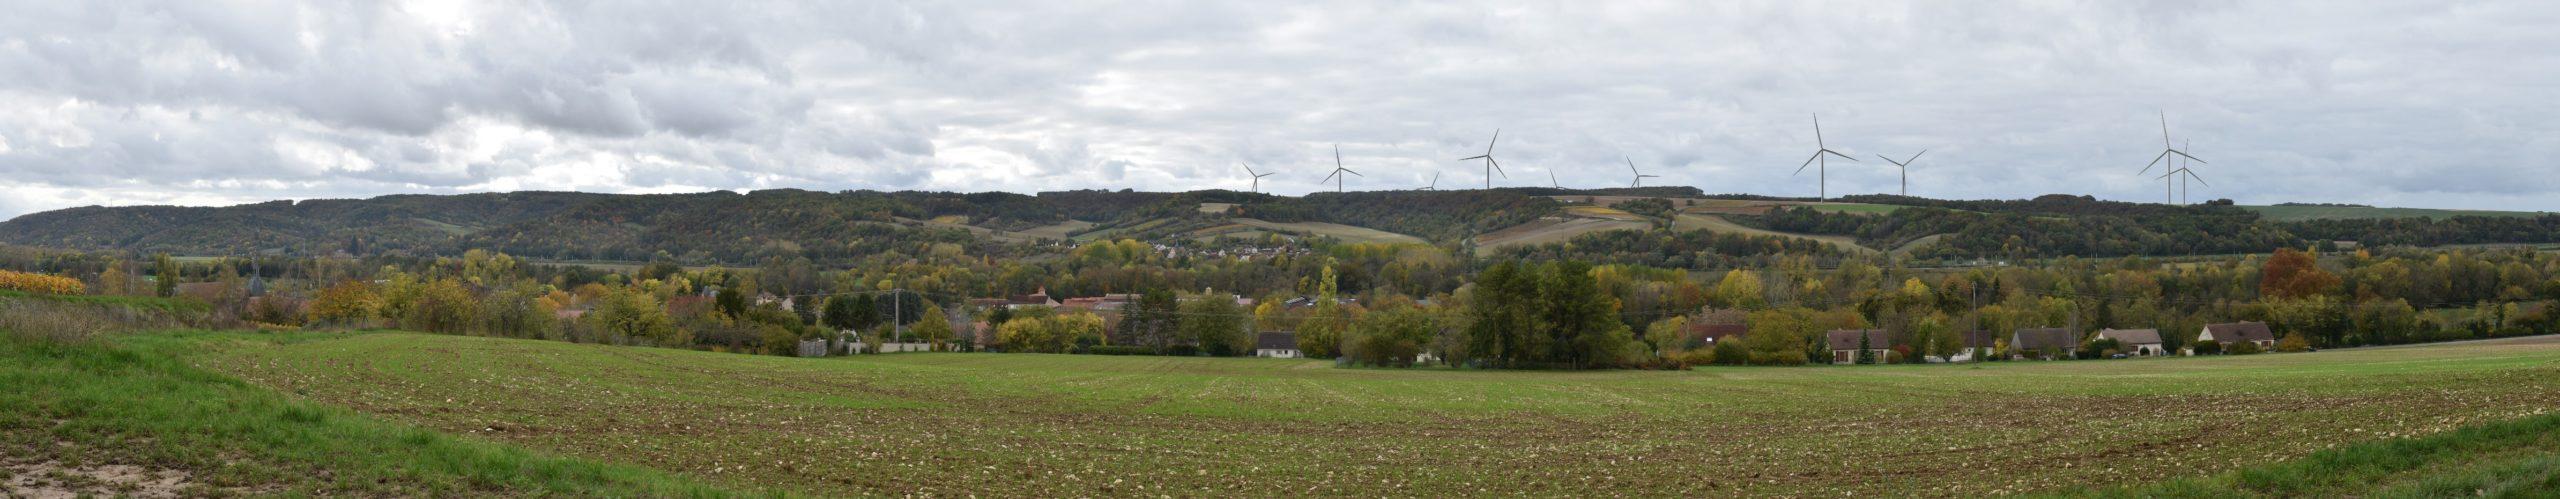 Dannemoine, abords du cimetière (photomontage à 2,5 km de l'éolienne la plus proche)